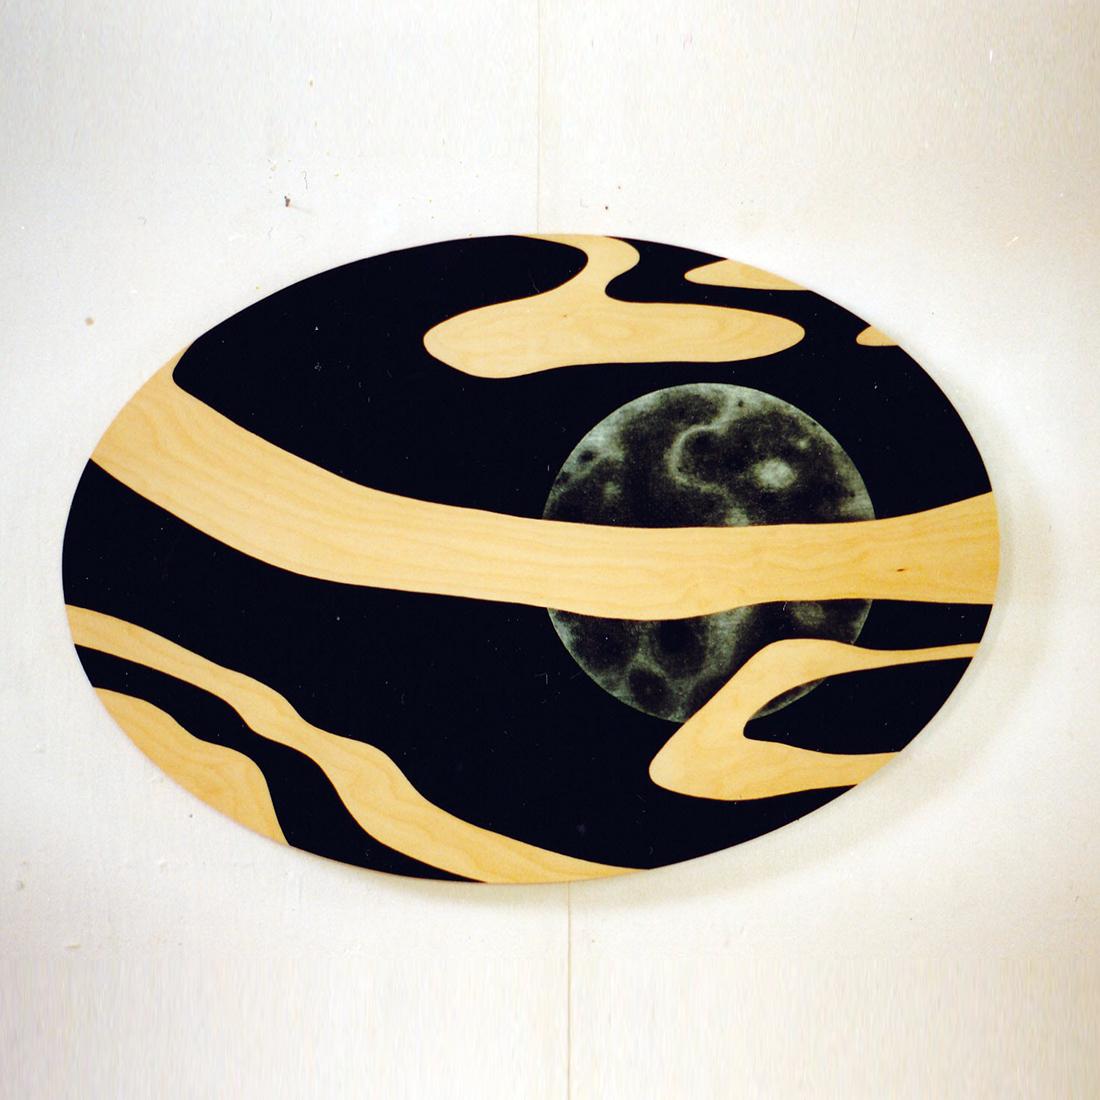 Schilderij uit 1995 met de titel Ryuho naar een Japanse haikudichter gemaakt door beeldend kunstenaar Saskia Zwiers uit Zwolle